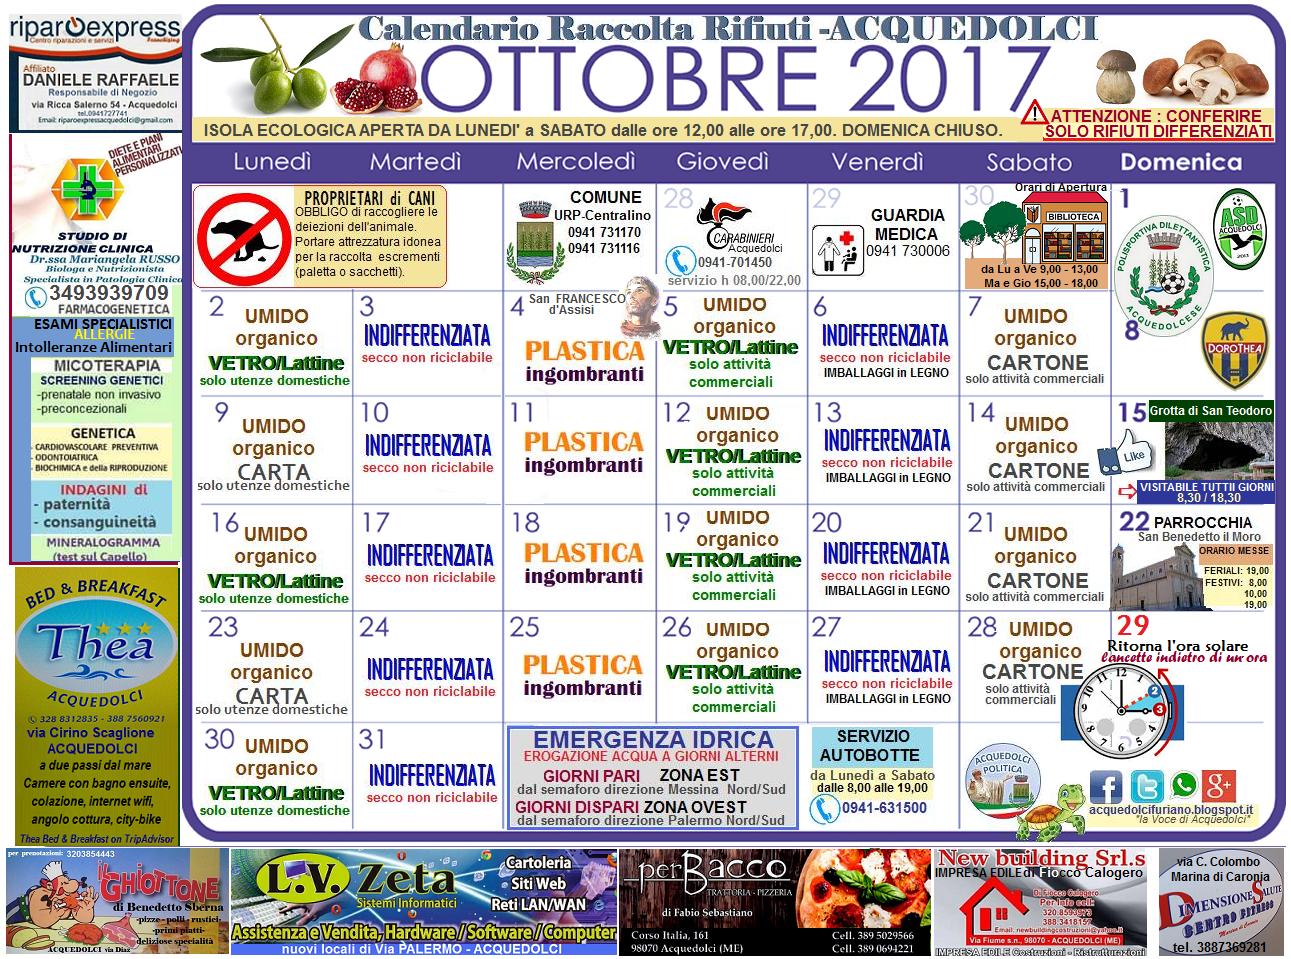 Il Tuo Quartiere Non E Una Discarica Calendario 2020 Municipi Dispari.Raccolta Differenziata Il Calendario Del Mese Di Ottobre 2017